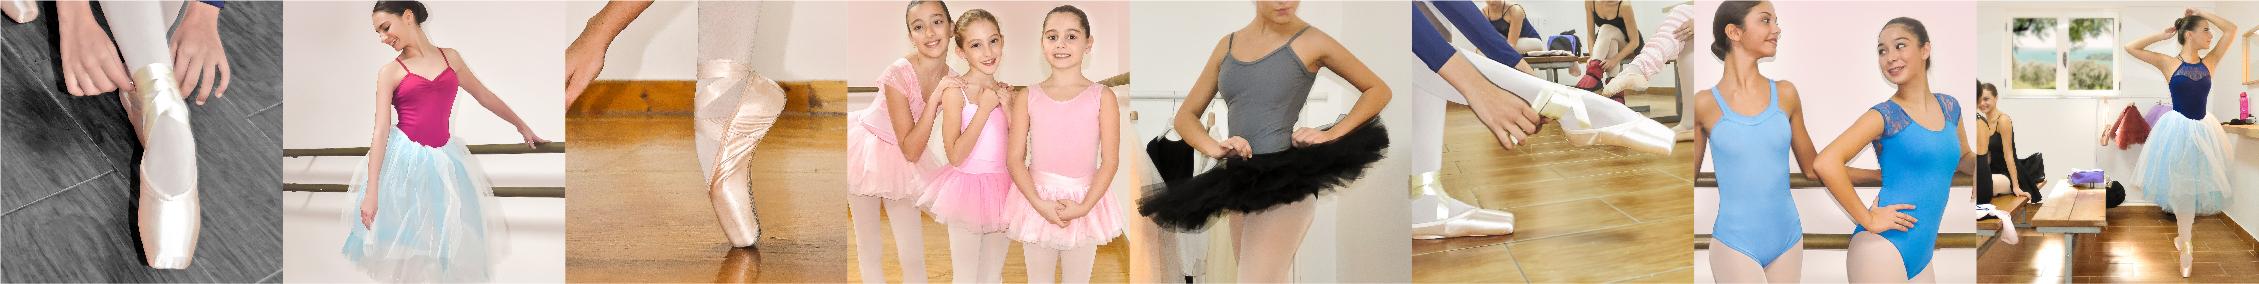 Segui i canali social di Adesso Danza